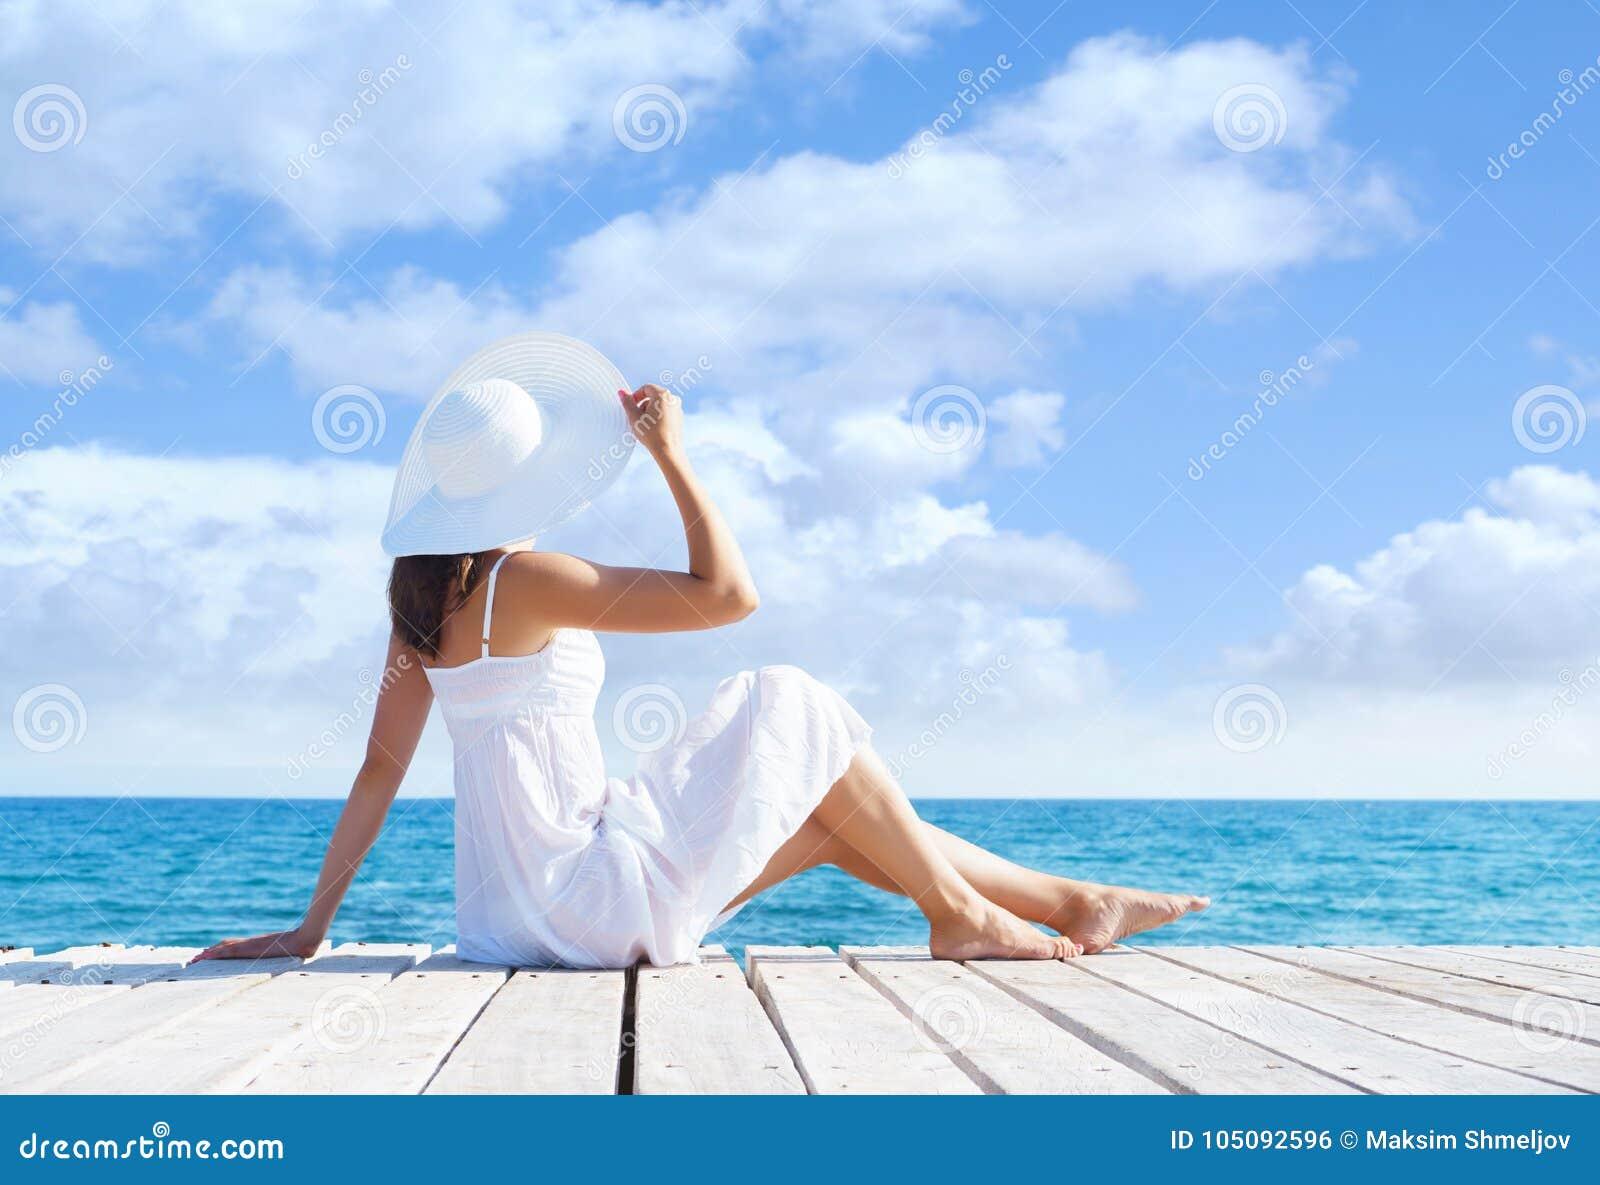 Piękny, atrakcyjny model pozuje w biel sukni na drewnianym molu, Morza i nieba tło Wakacje, podróżuje i